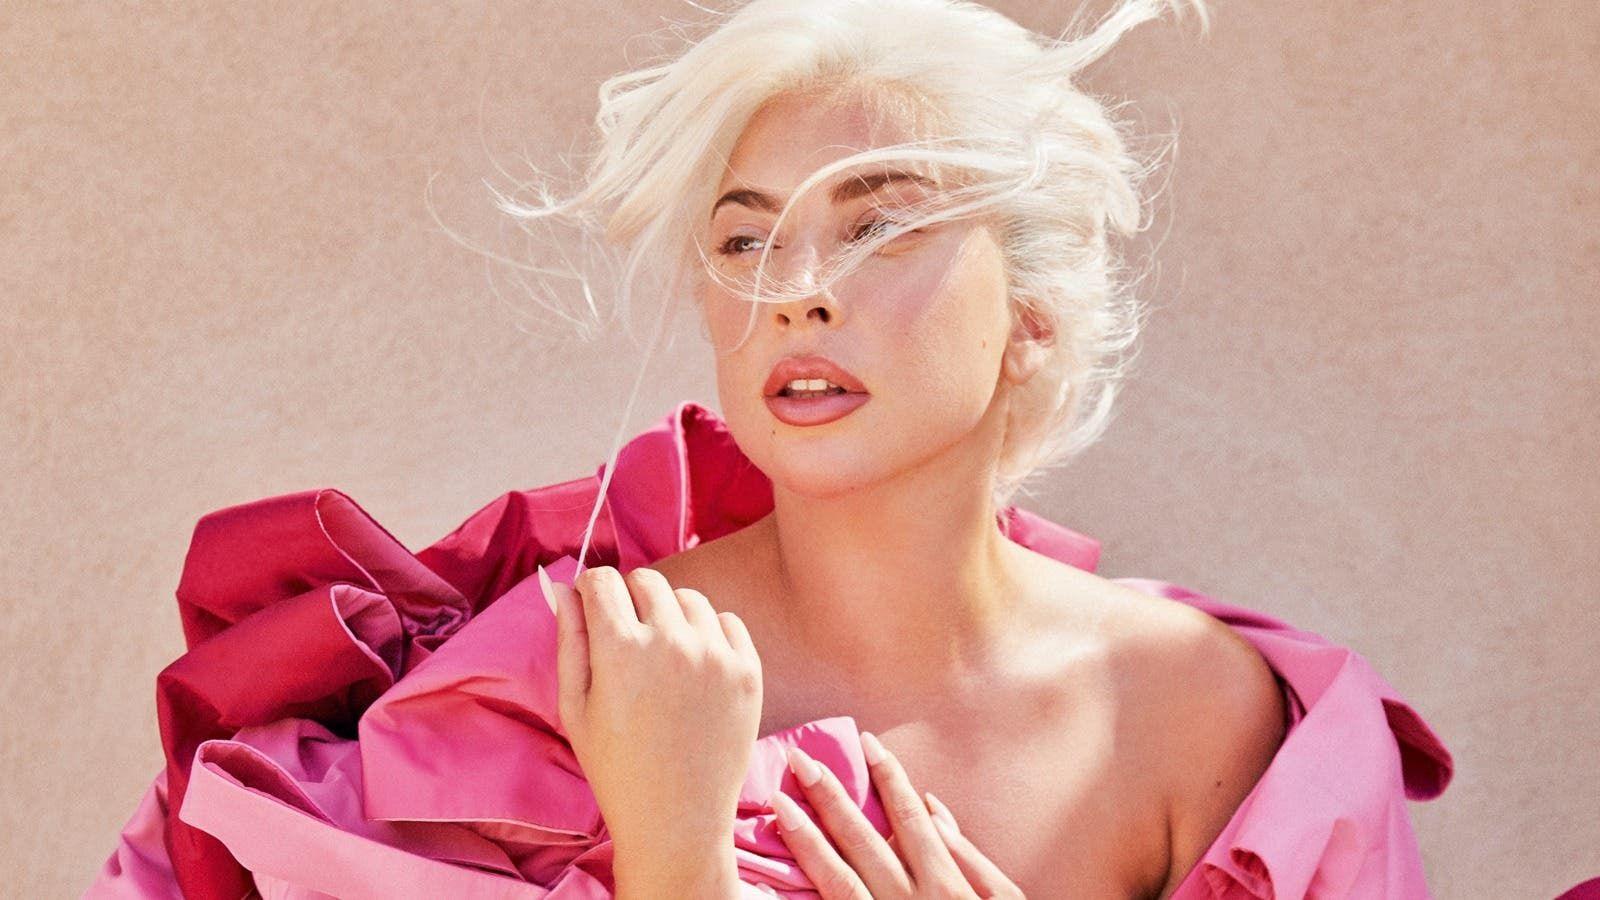 ليدي غاغا تدمع فرح ا بفوز جو بايدن آمل أن تدرك النساء أن هناك تغيير ا حقيقي ا Lady Gaga Lady Women